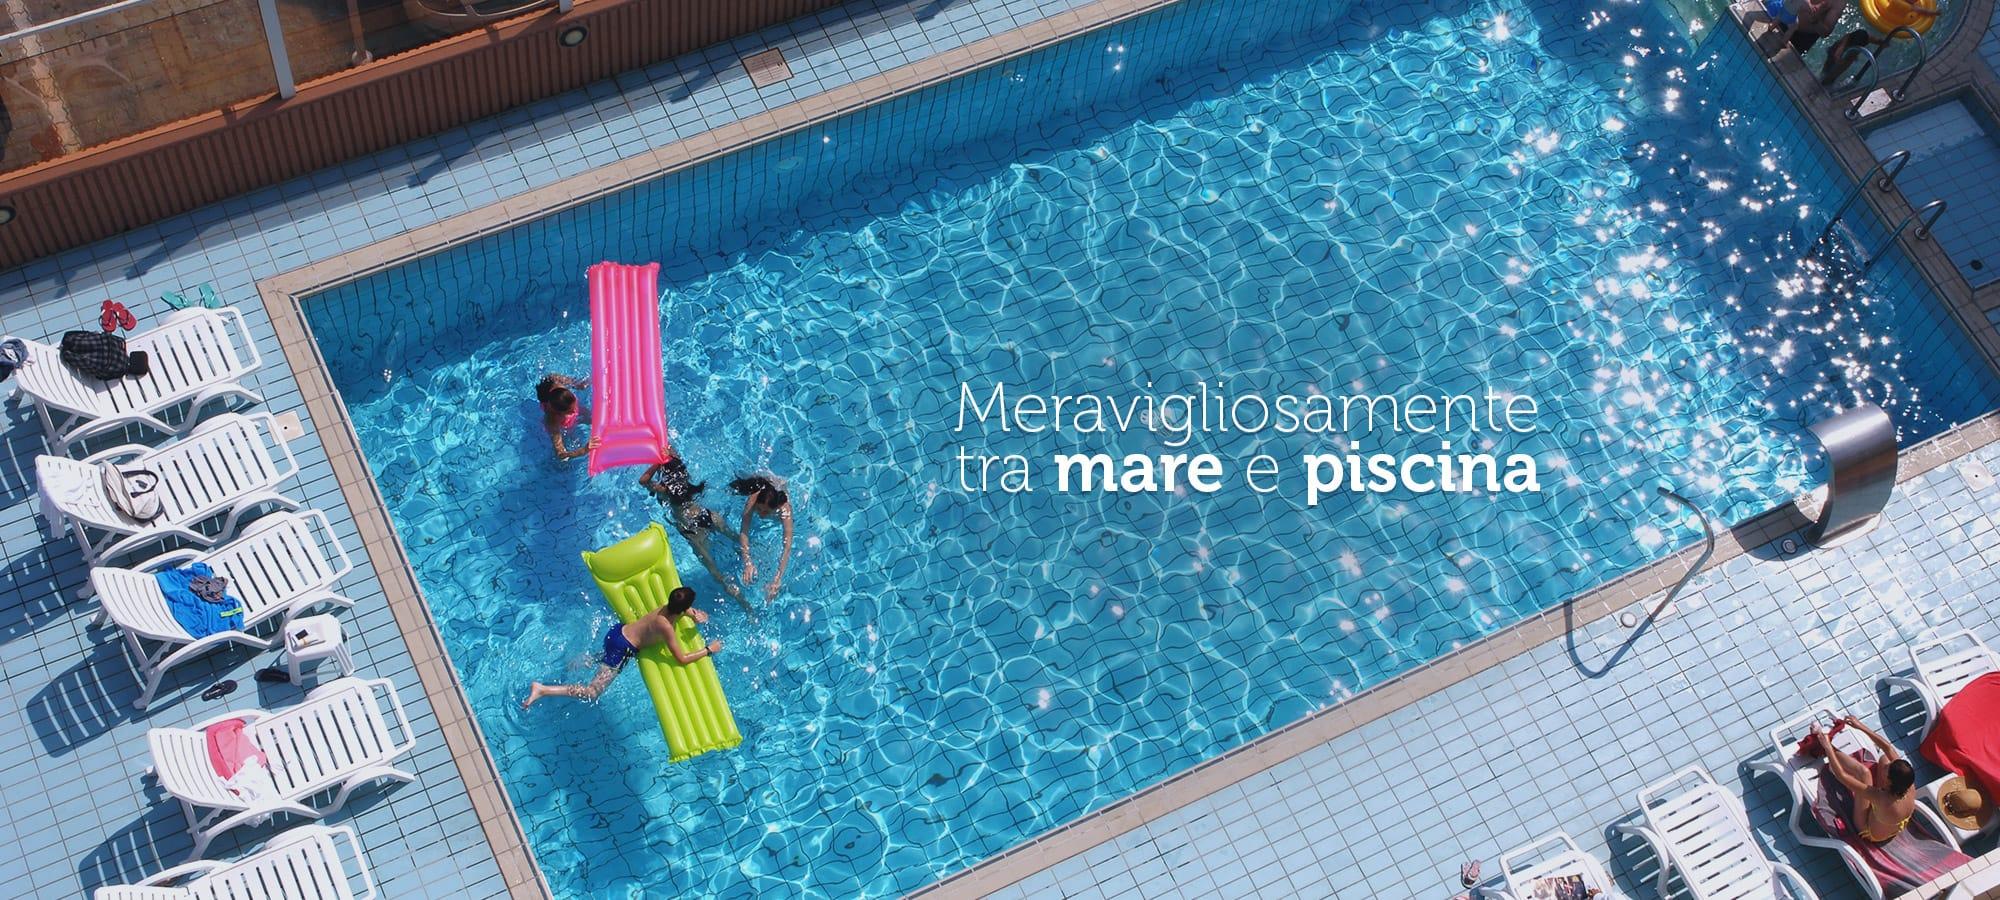 Hotel 3 stelle riccione sul mare - Hotel riccione con piscina coperta ...